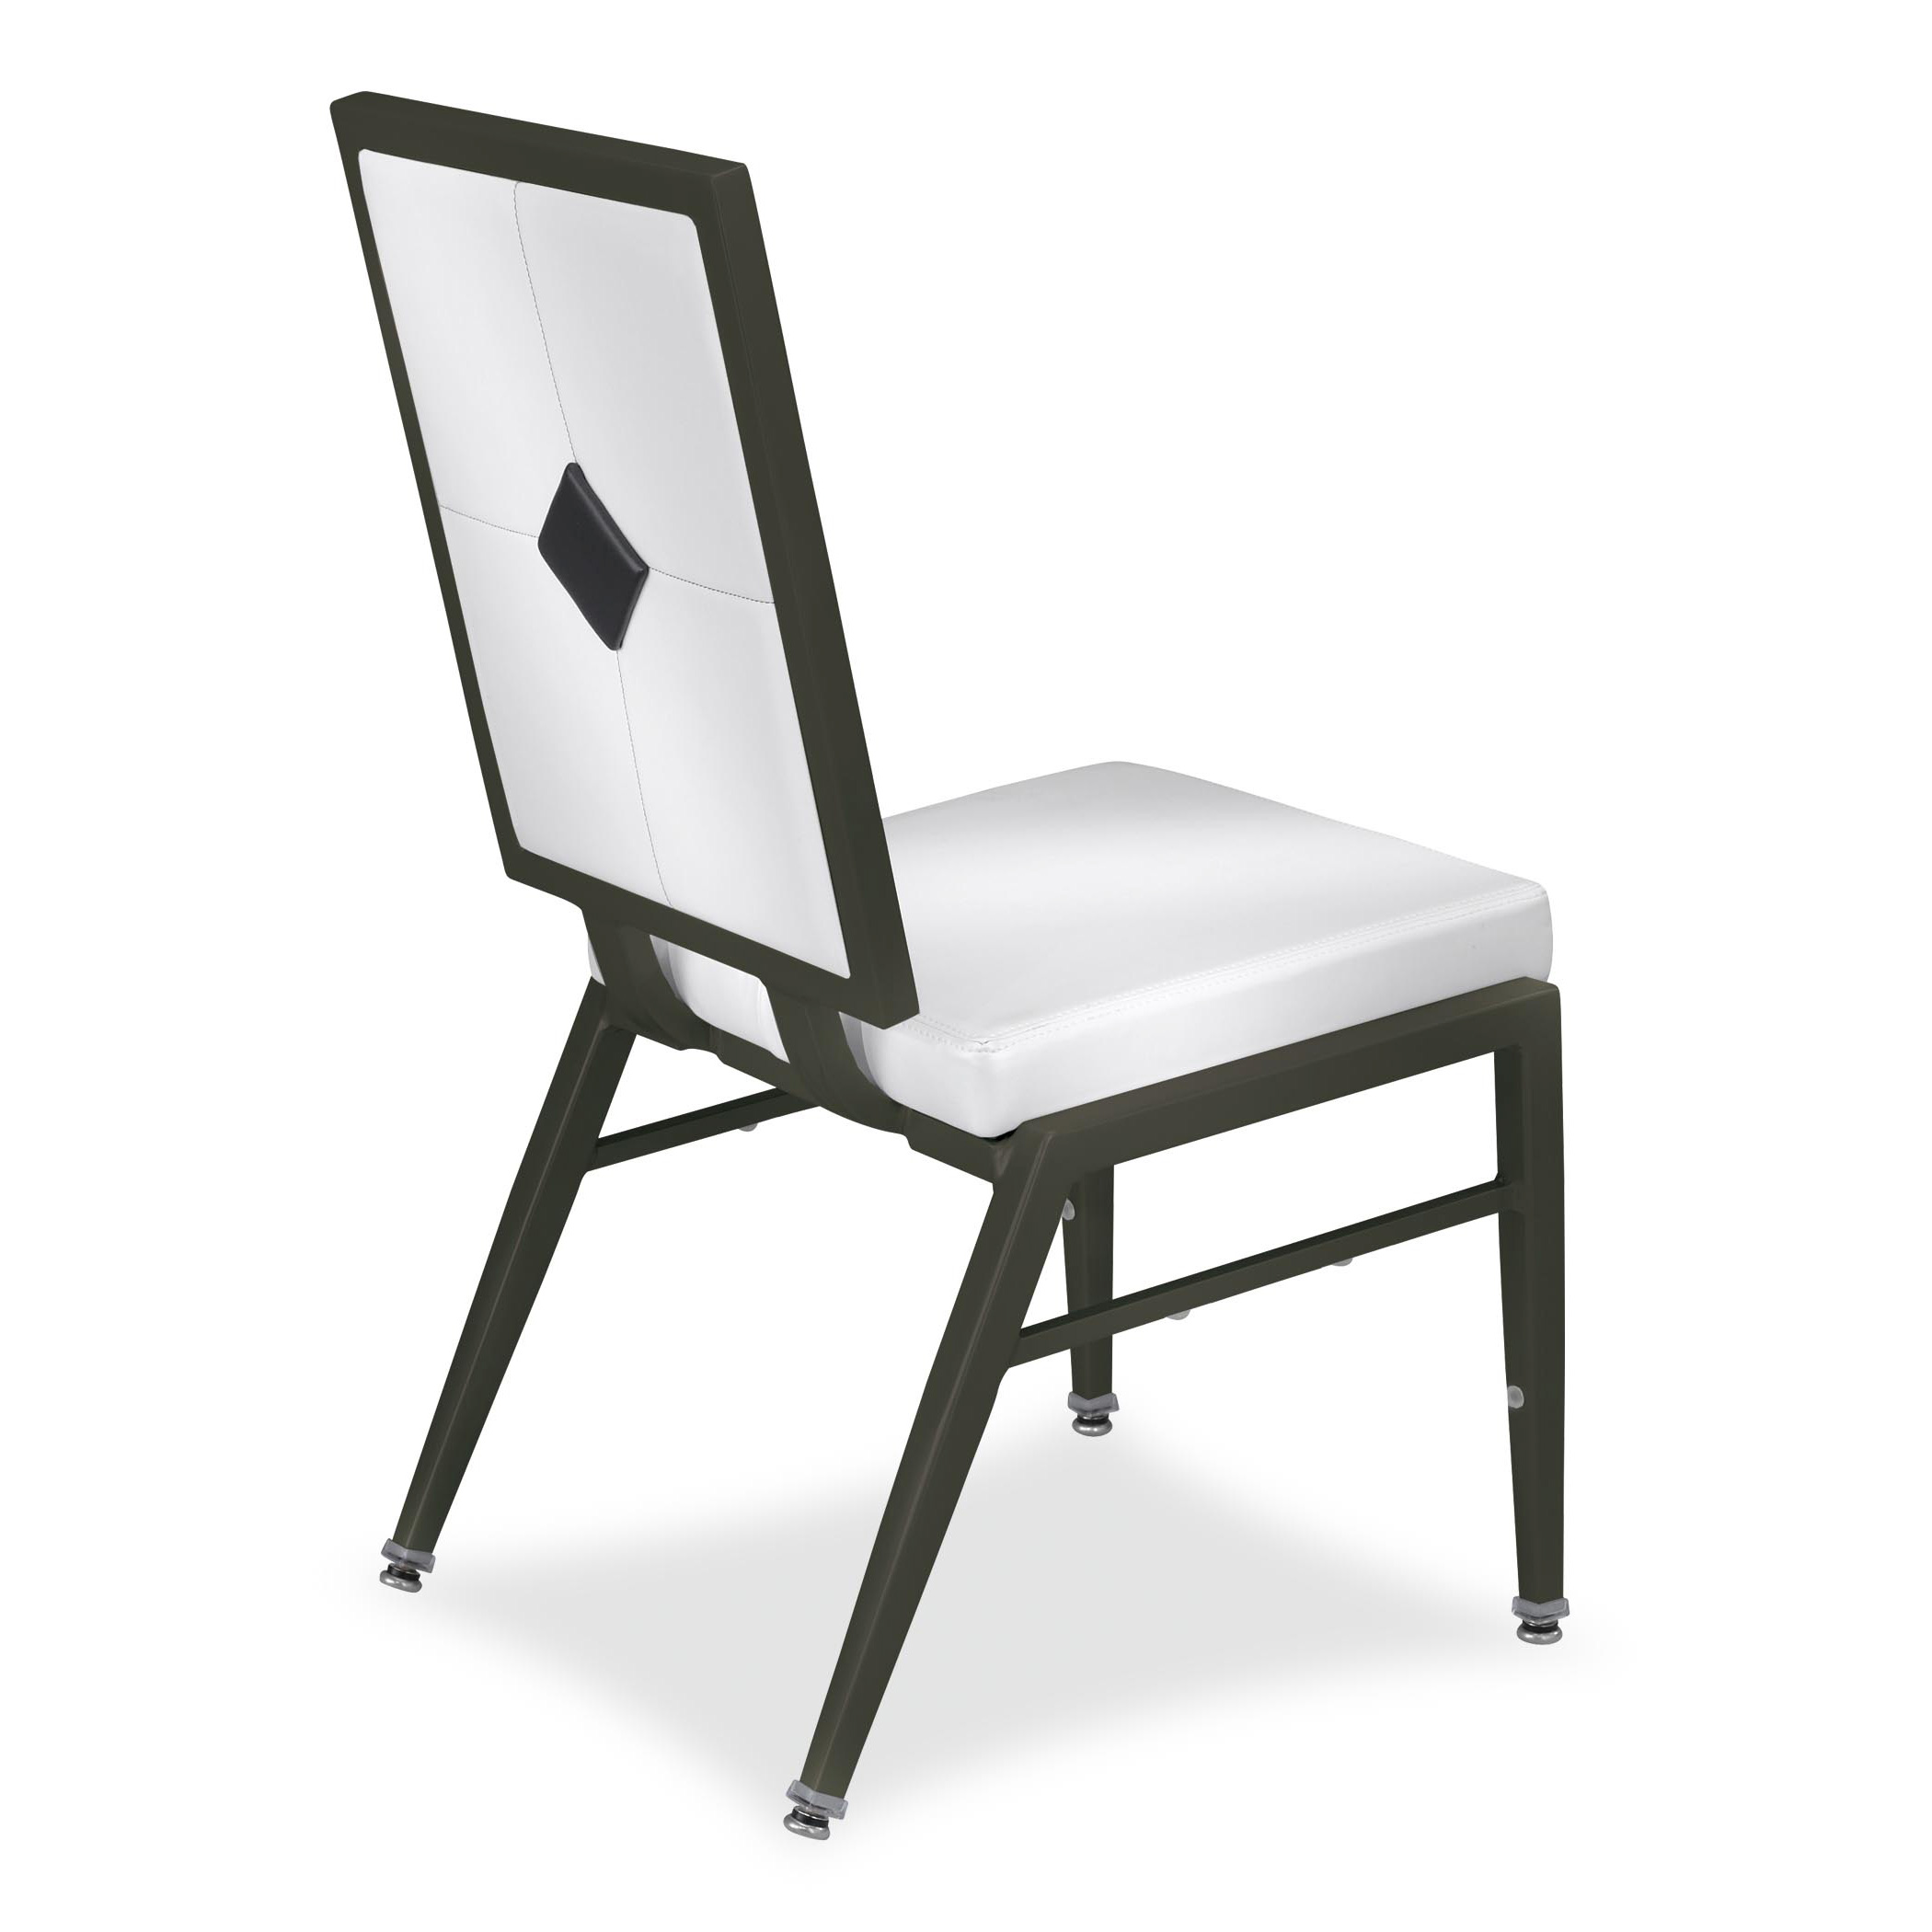 8216 8216 Ab Aluminum Banquet Chair